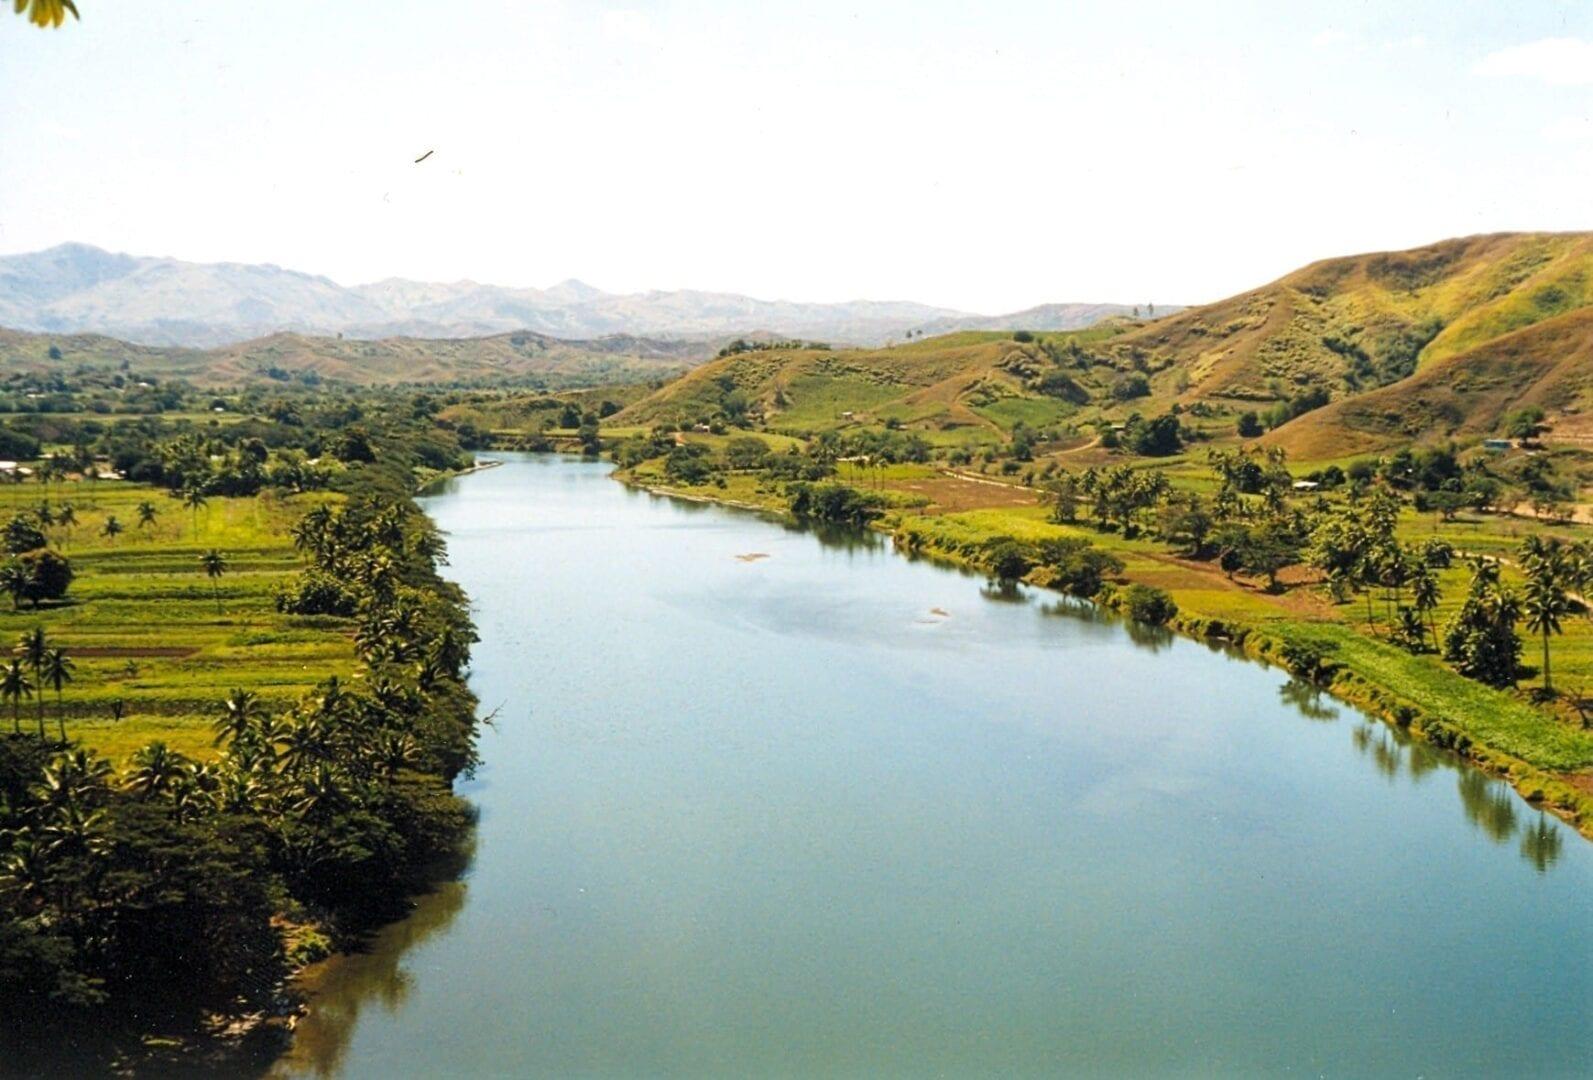 Montar en un jet boat por el poderoso río Sigatoka. Fiyi